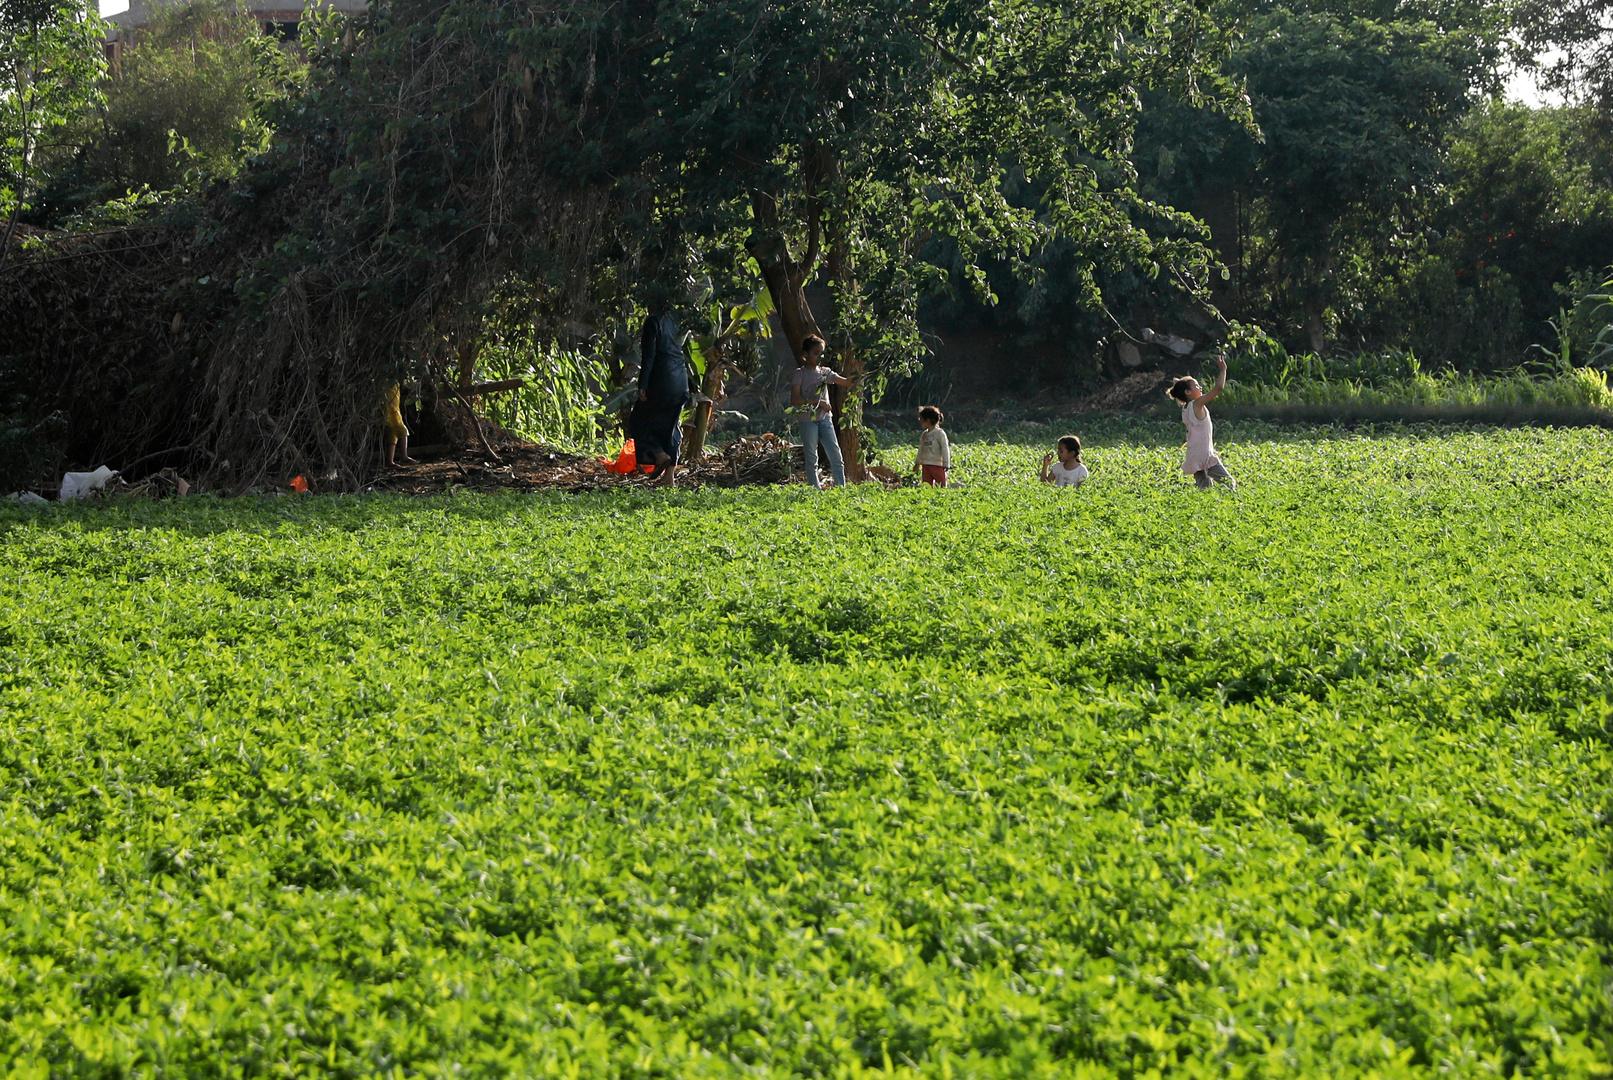 مدبولي: مصر خسرت 90 ألف فدان من الأراضي الزراعية